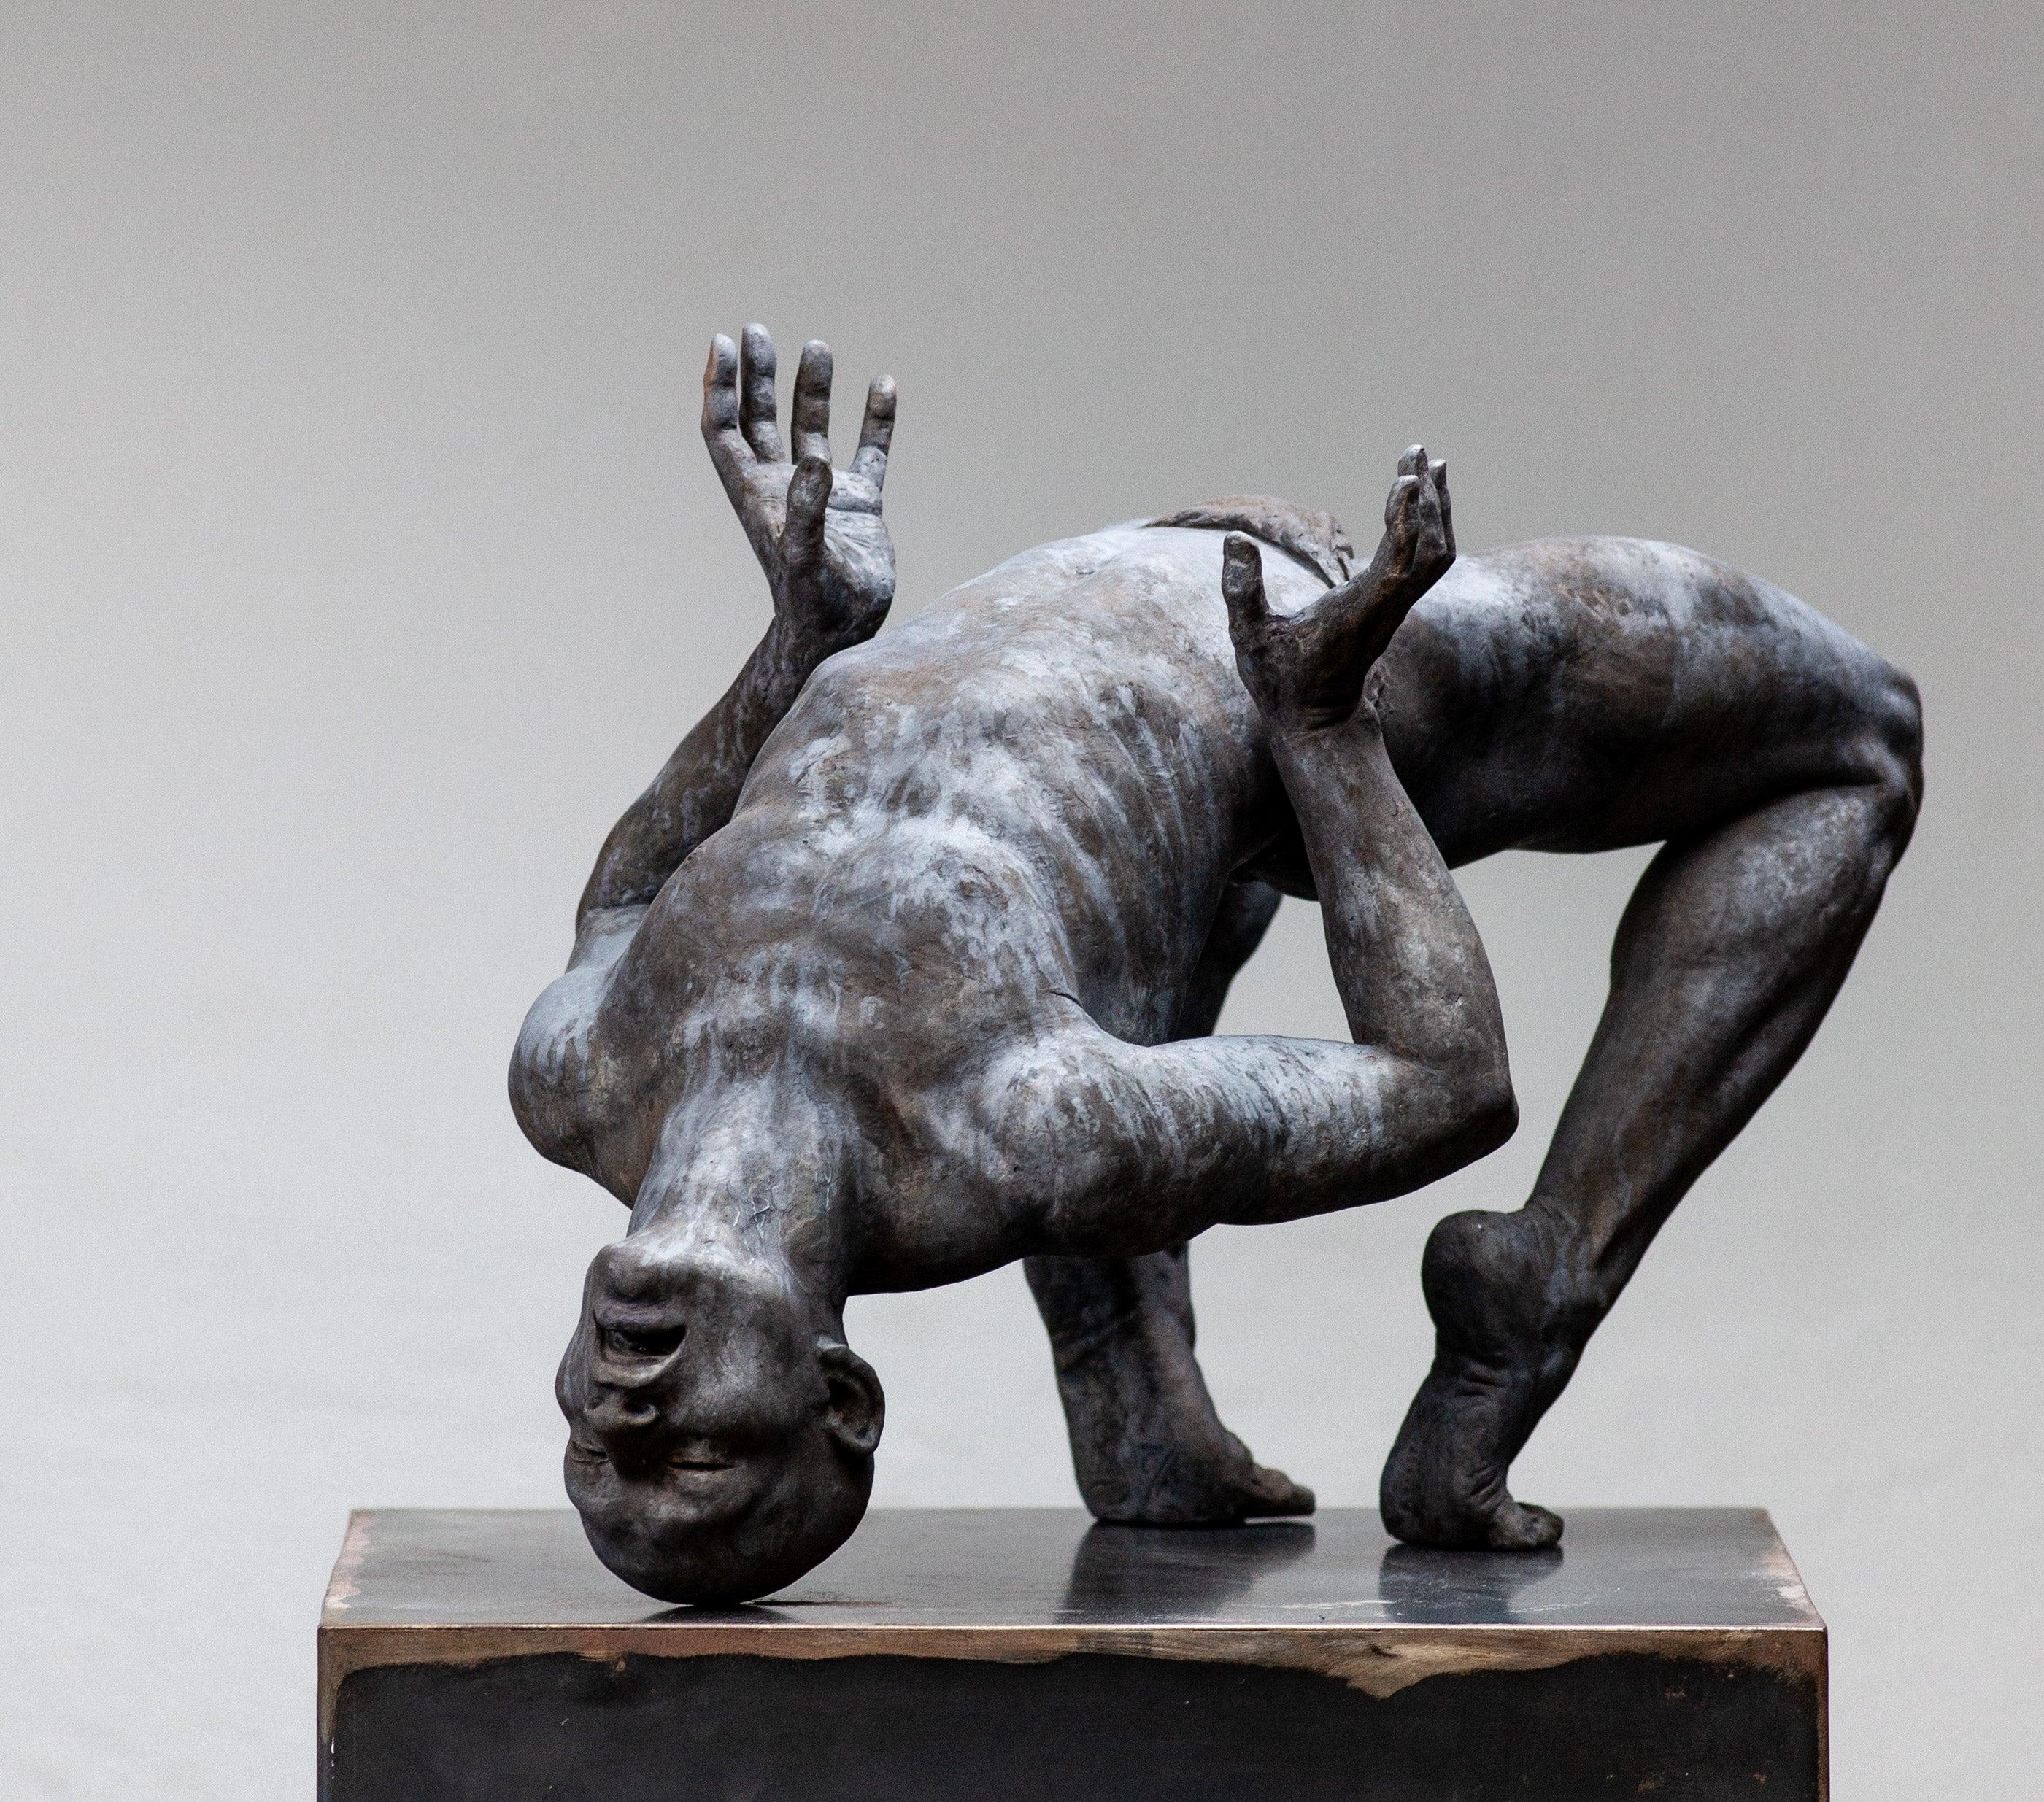 Coderch & Malavia. Revive. Bronze figurative sculpture.